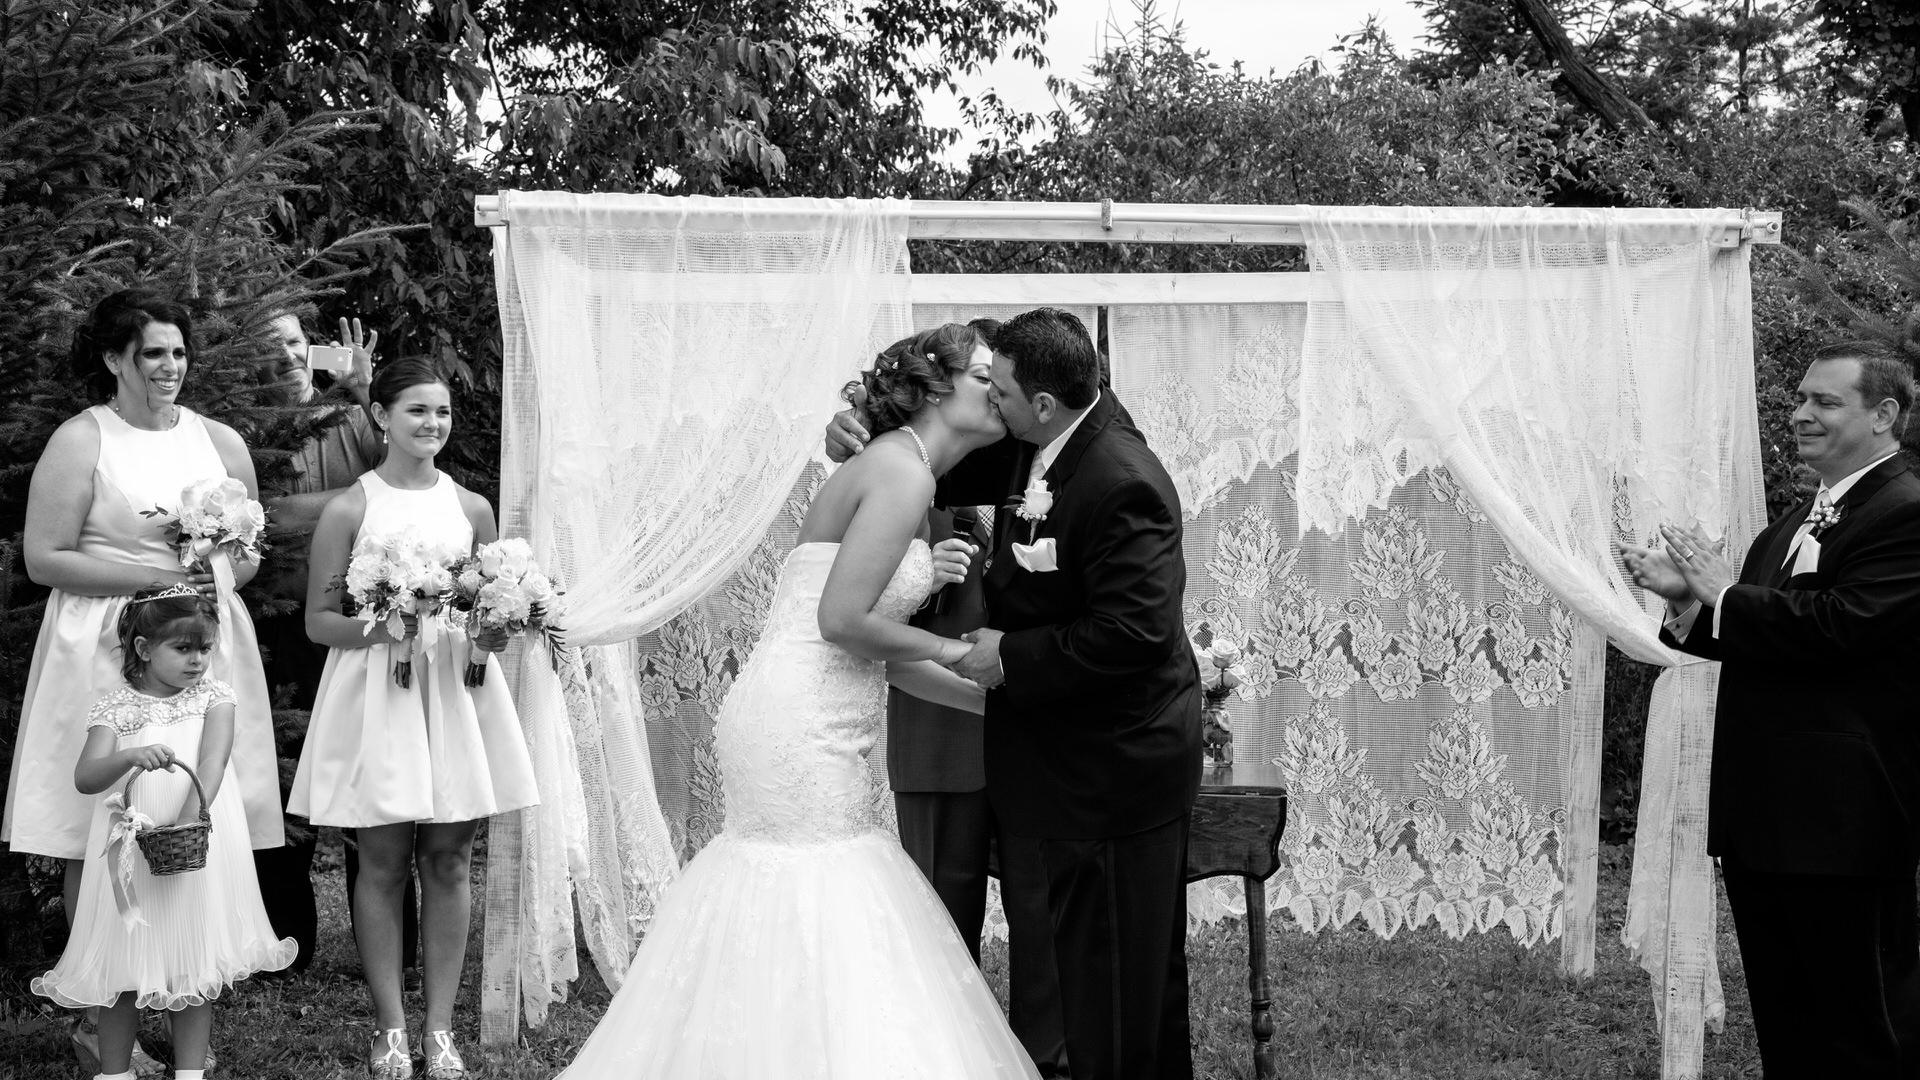 Katie & Ahmed's Backyard Wedding